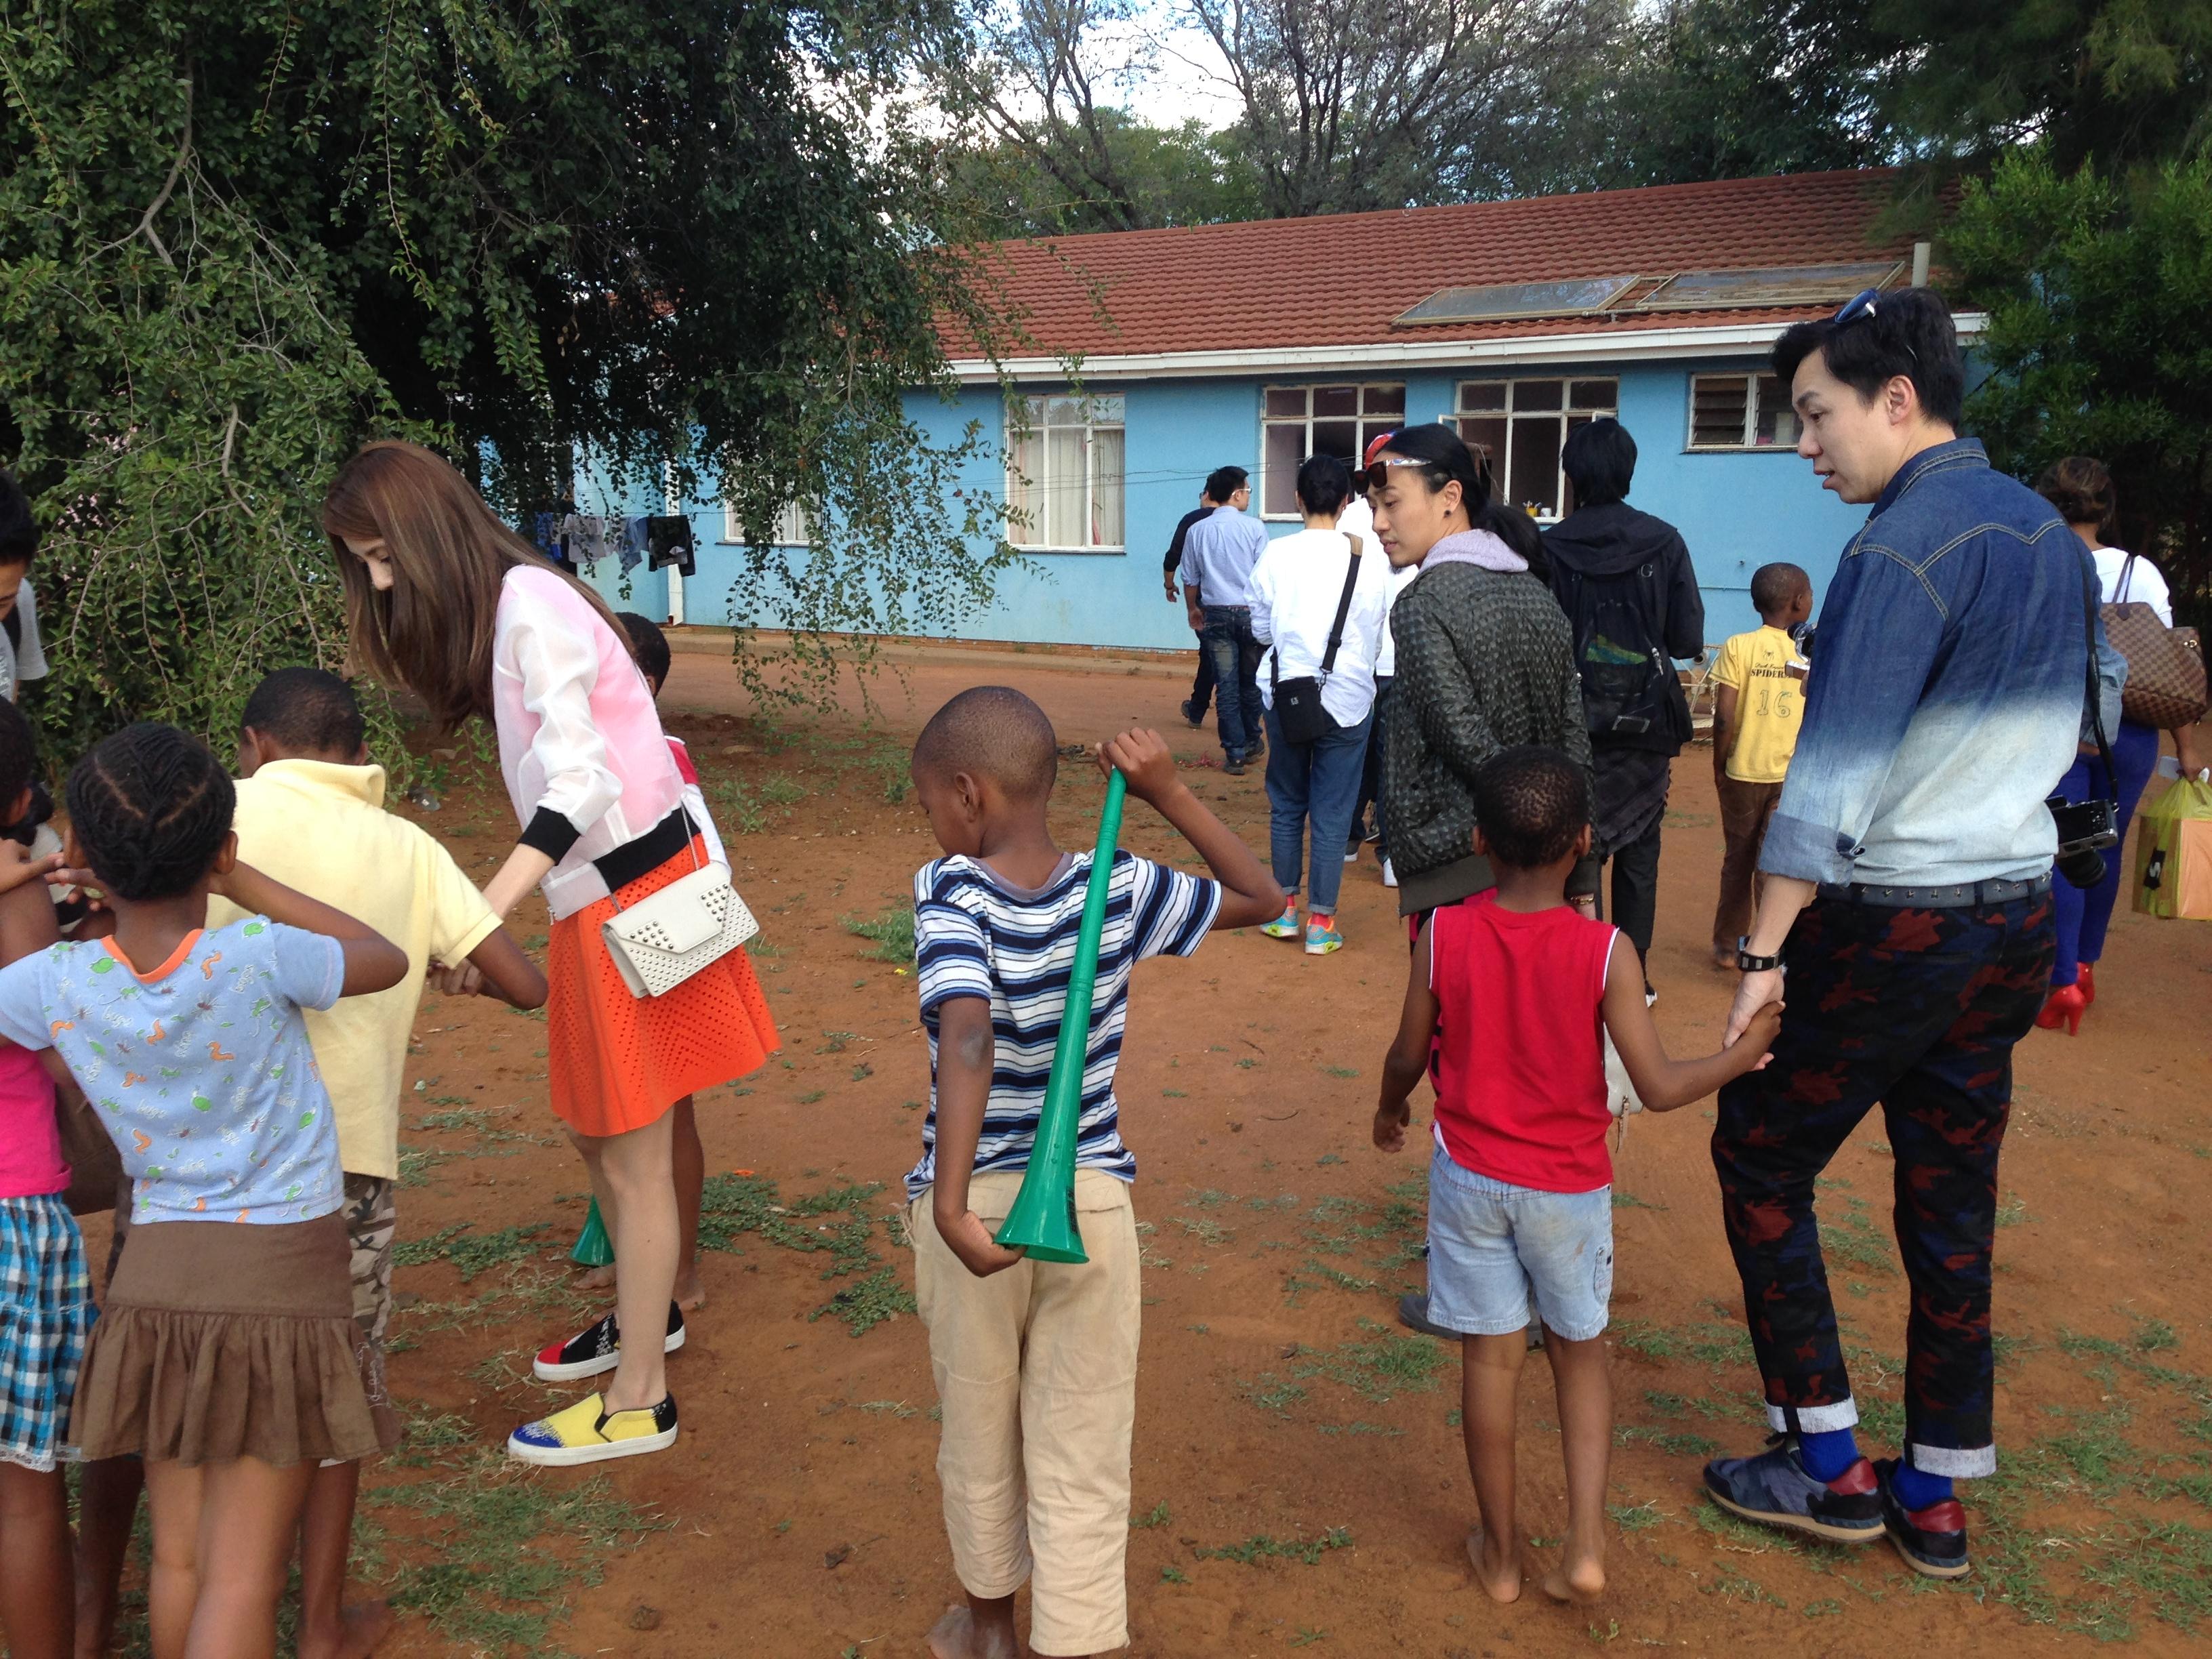 探訪品牌集團贊助的SOS兒童村令我感受良多,快樂其實好簡單,看見小朋友熱情地跟大家拍照和交談,此舉已深深地感動我們每一位。